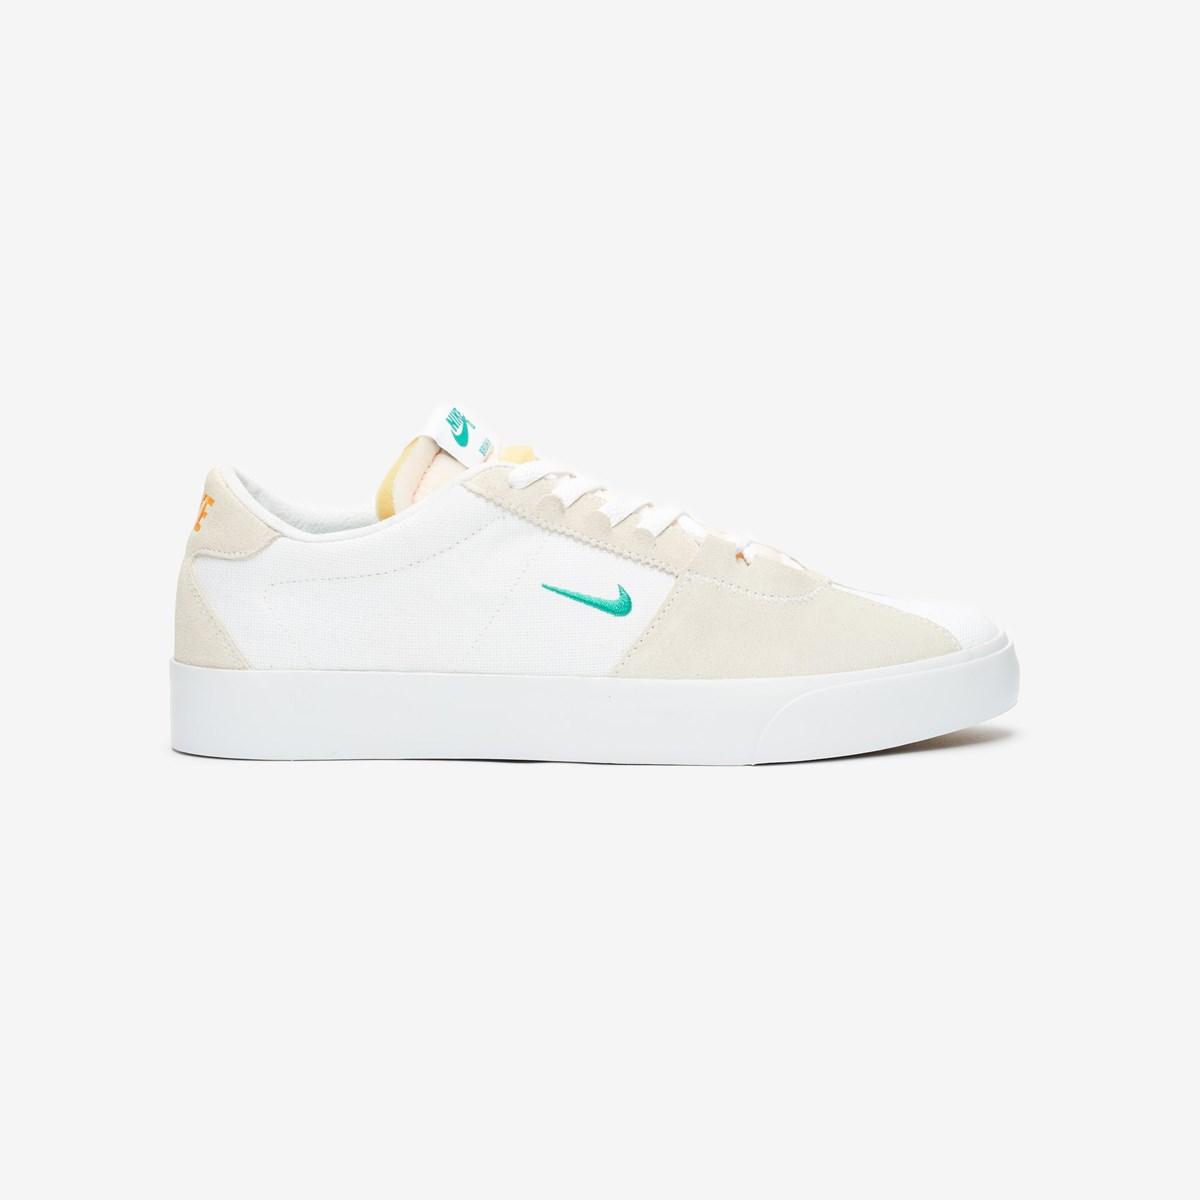 Nike SB Air Zoom Bruin Edge Cd5036 100 Sneakersnstuff I Sneakers & Streetwear online seit 1999